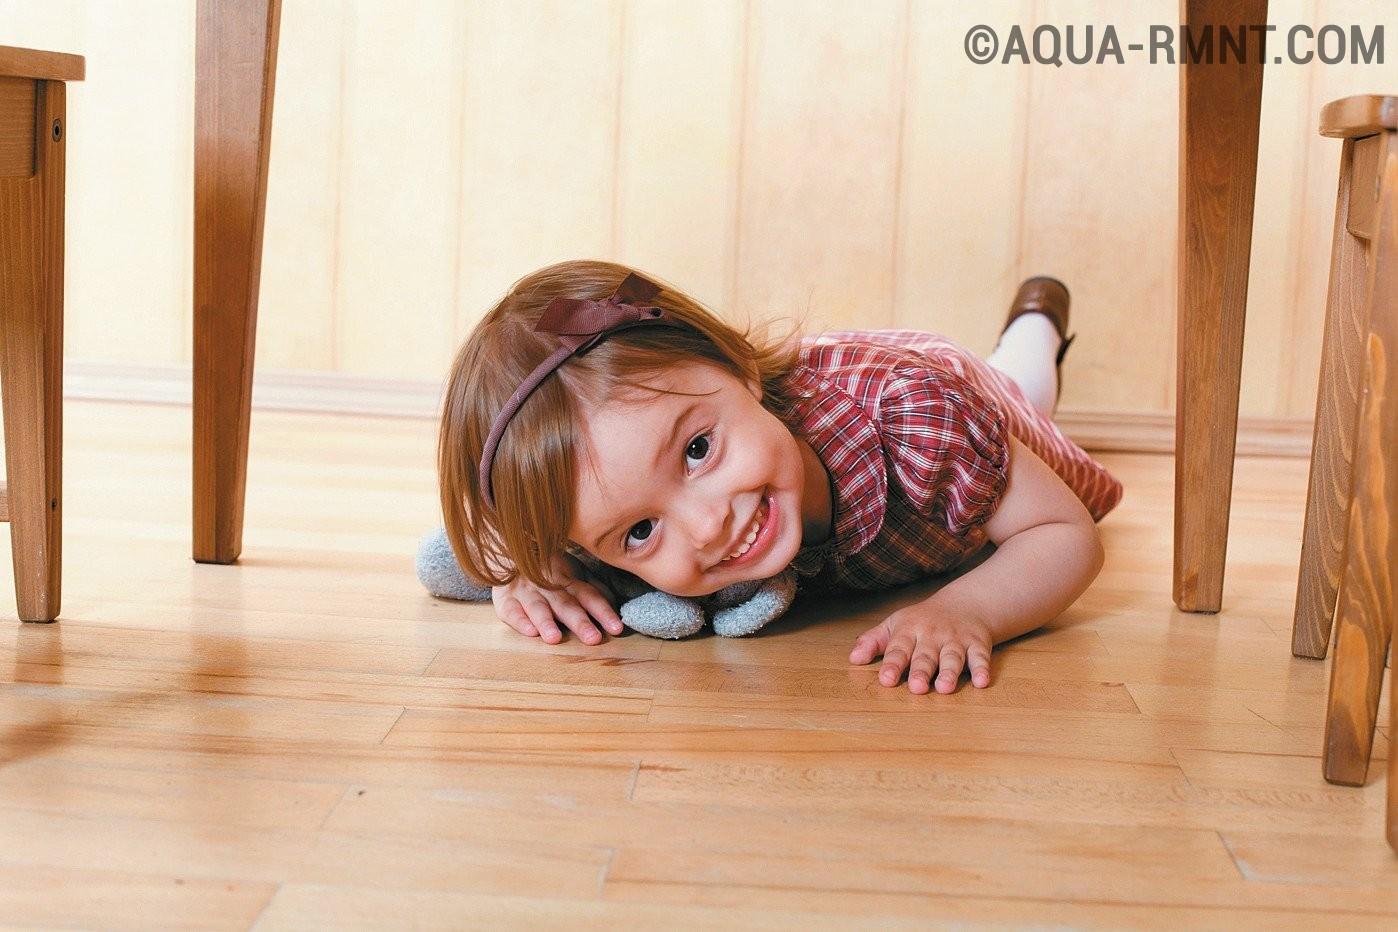 Можно ли поверх тёплого пола и плитки стелить коврик?